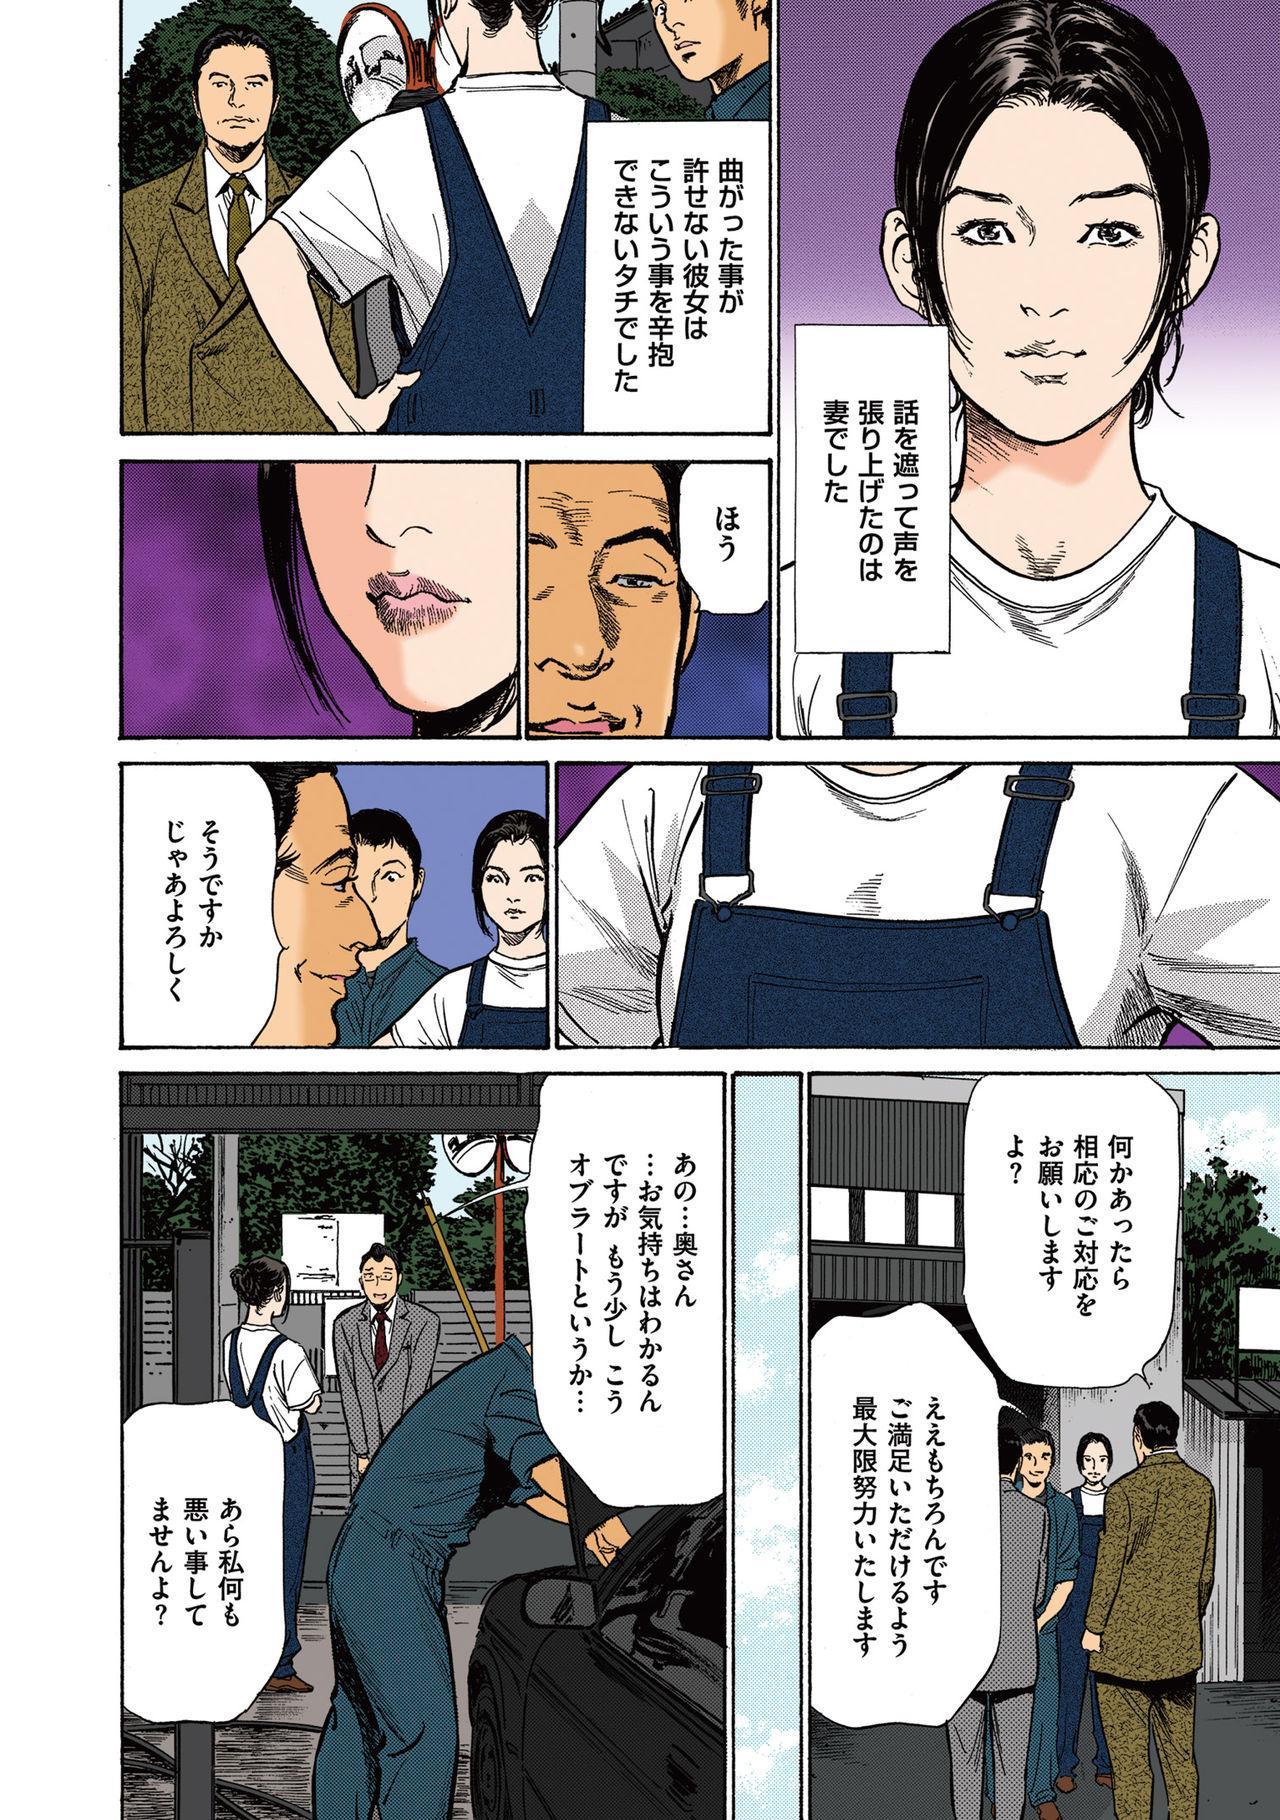 [Hazuki Kaoru] Hazuki Kaoru no Tamaranai Hanashi (Full Color Version) 2-1 71